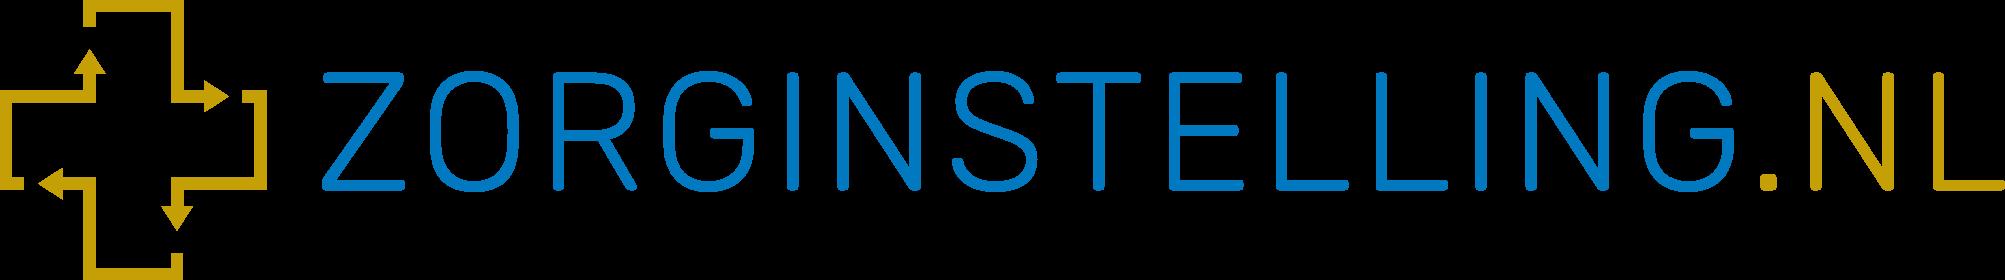 Logo zorginstelling.nl | vacatures in zorg en welzijn